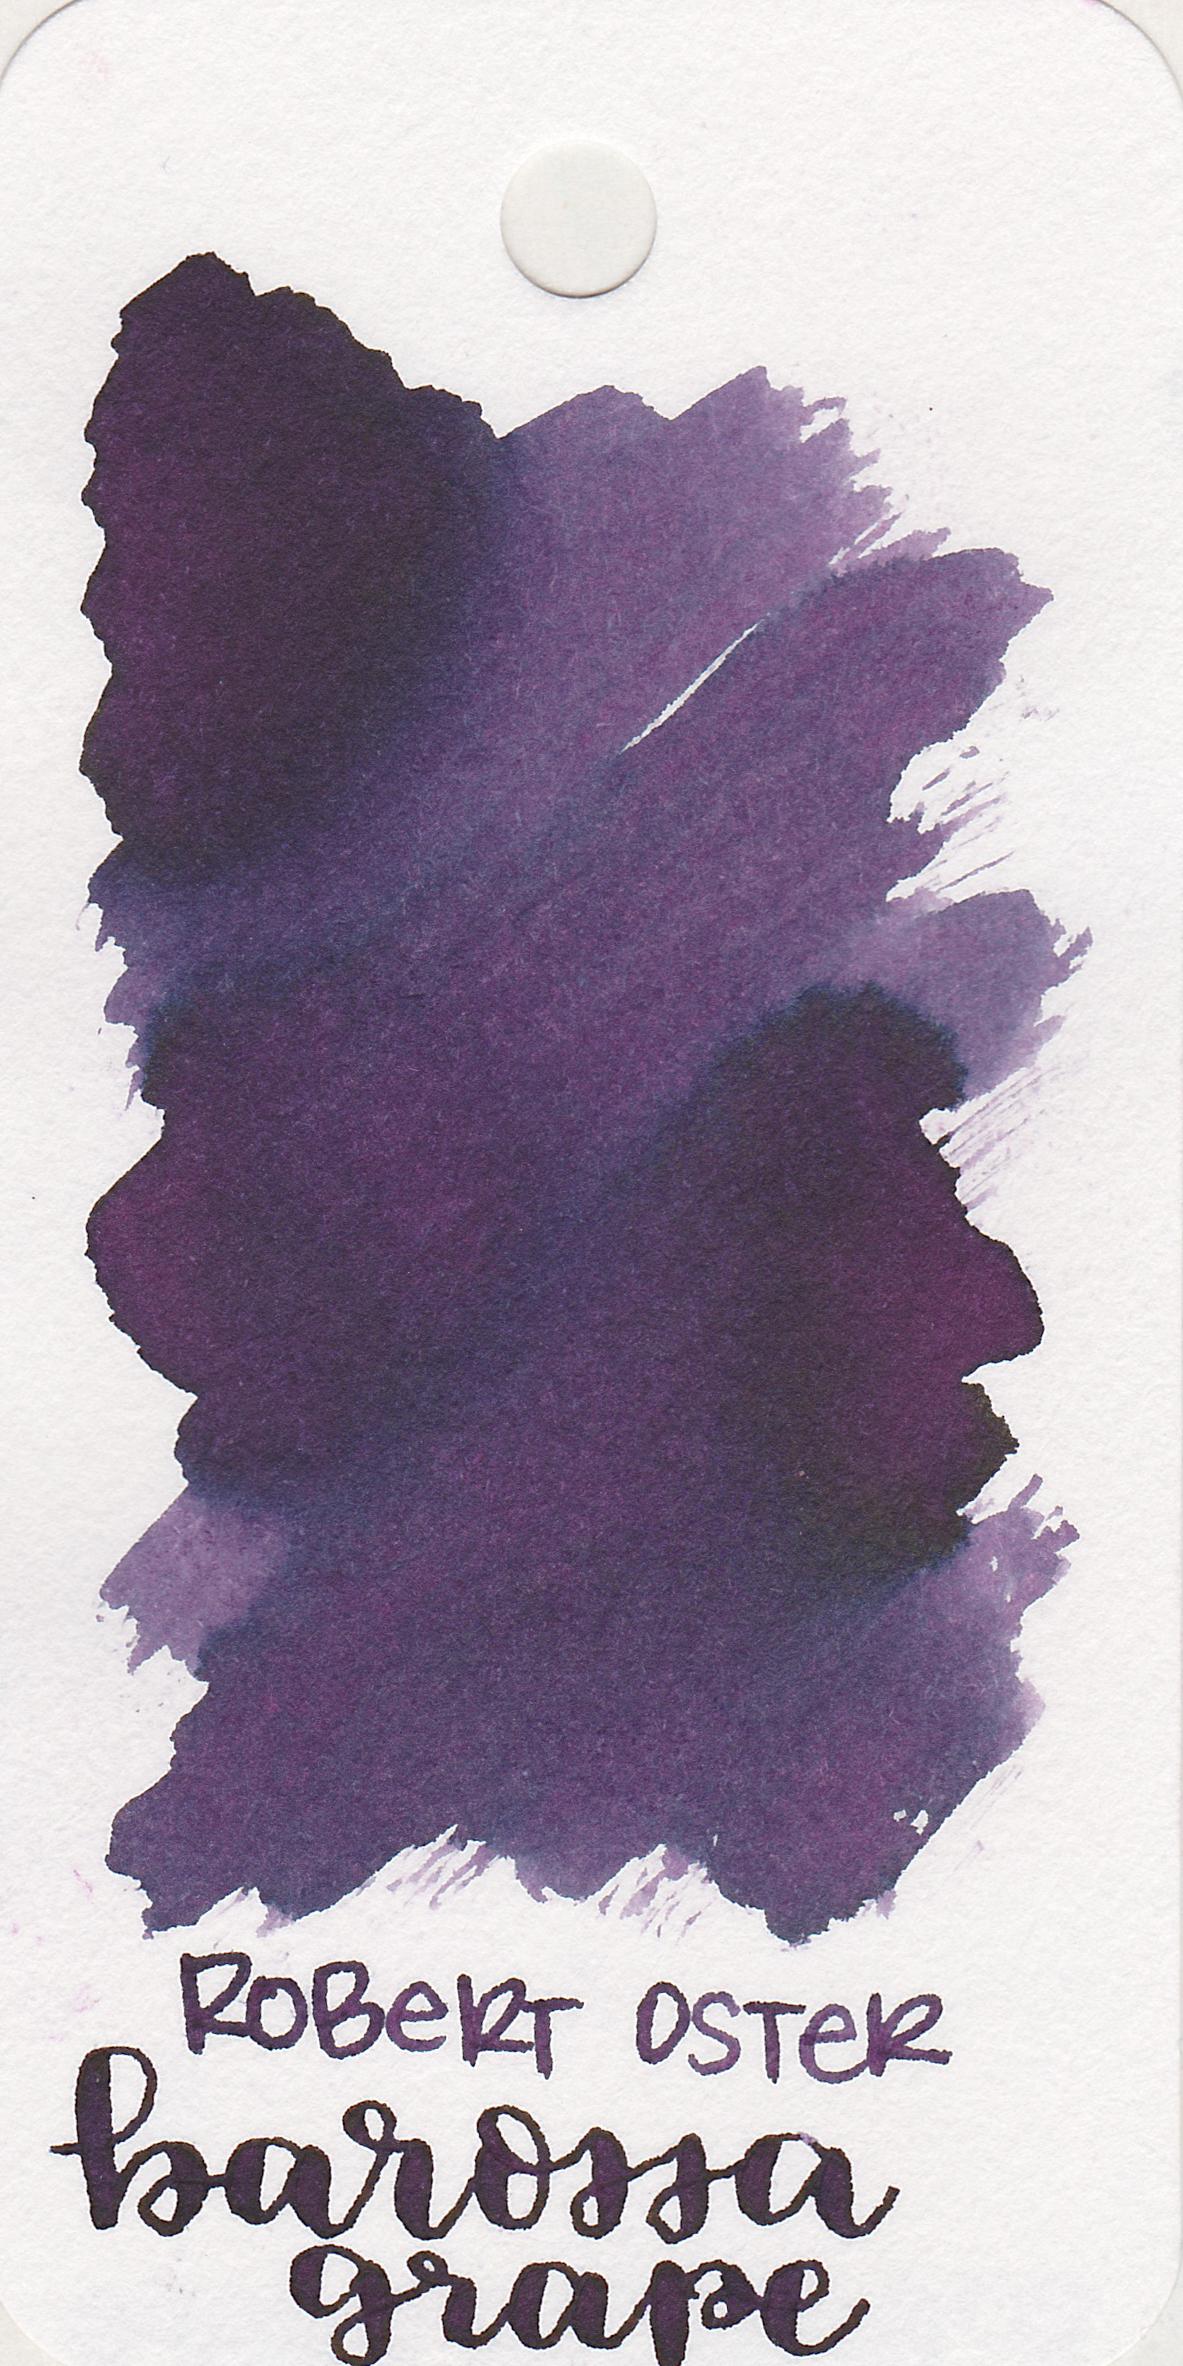 ro-barossa-grape-1.jpg